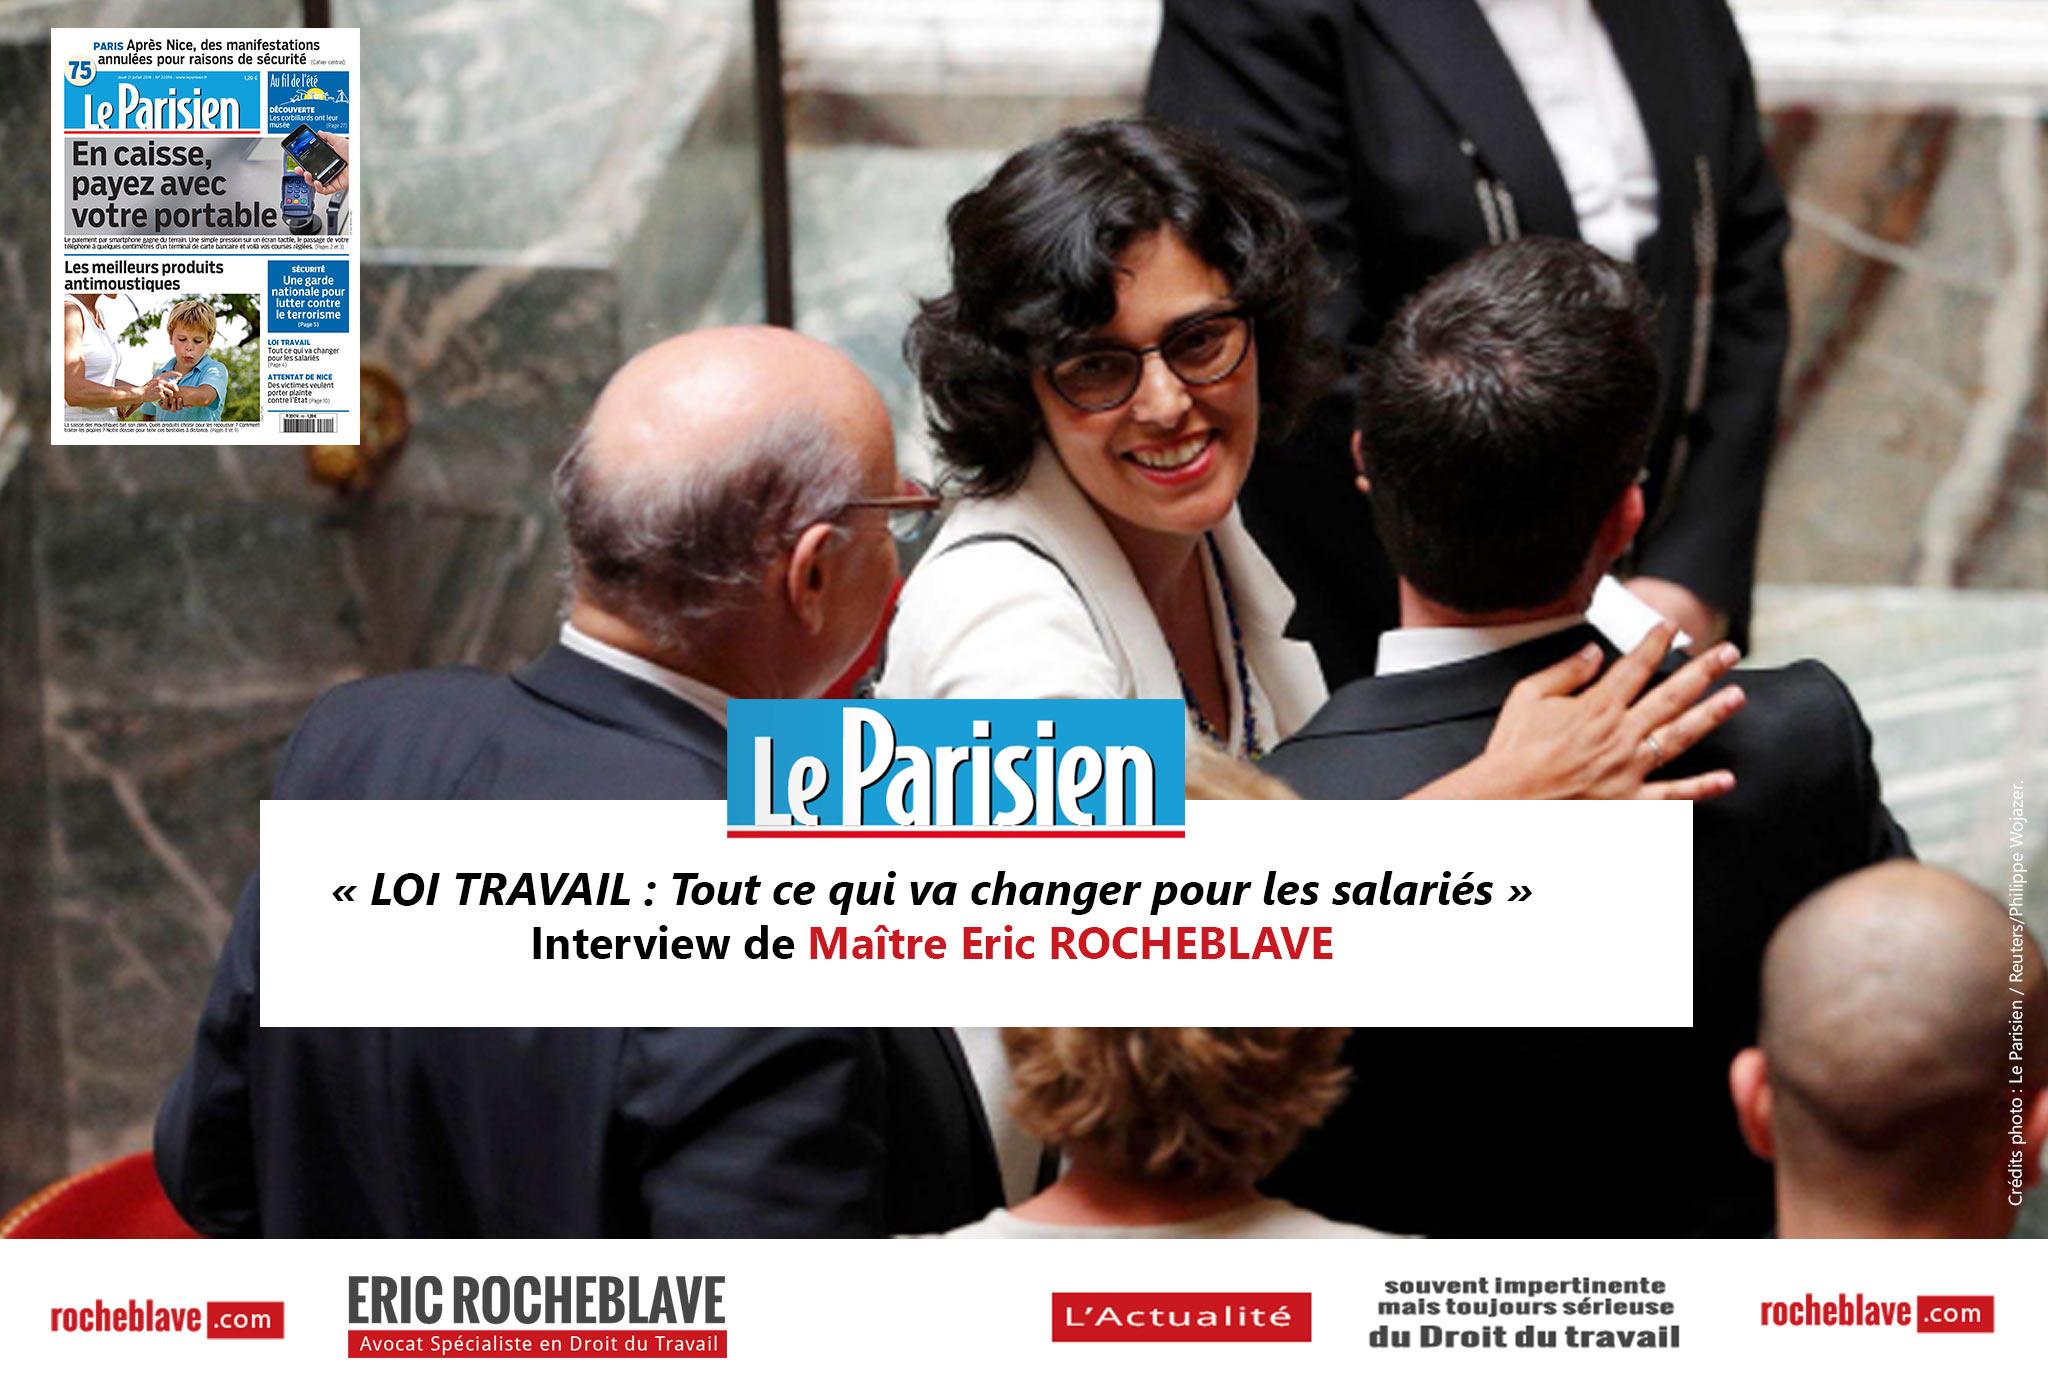 « LOI TRAVAIL : Tout ce qui va changer pour les salariés » Interview de Maître Eric ROCHEBLAVE | Le Parisien